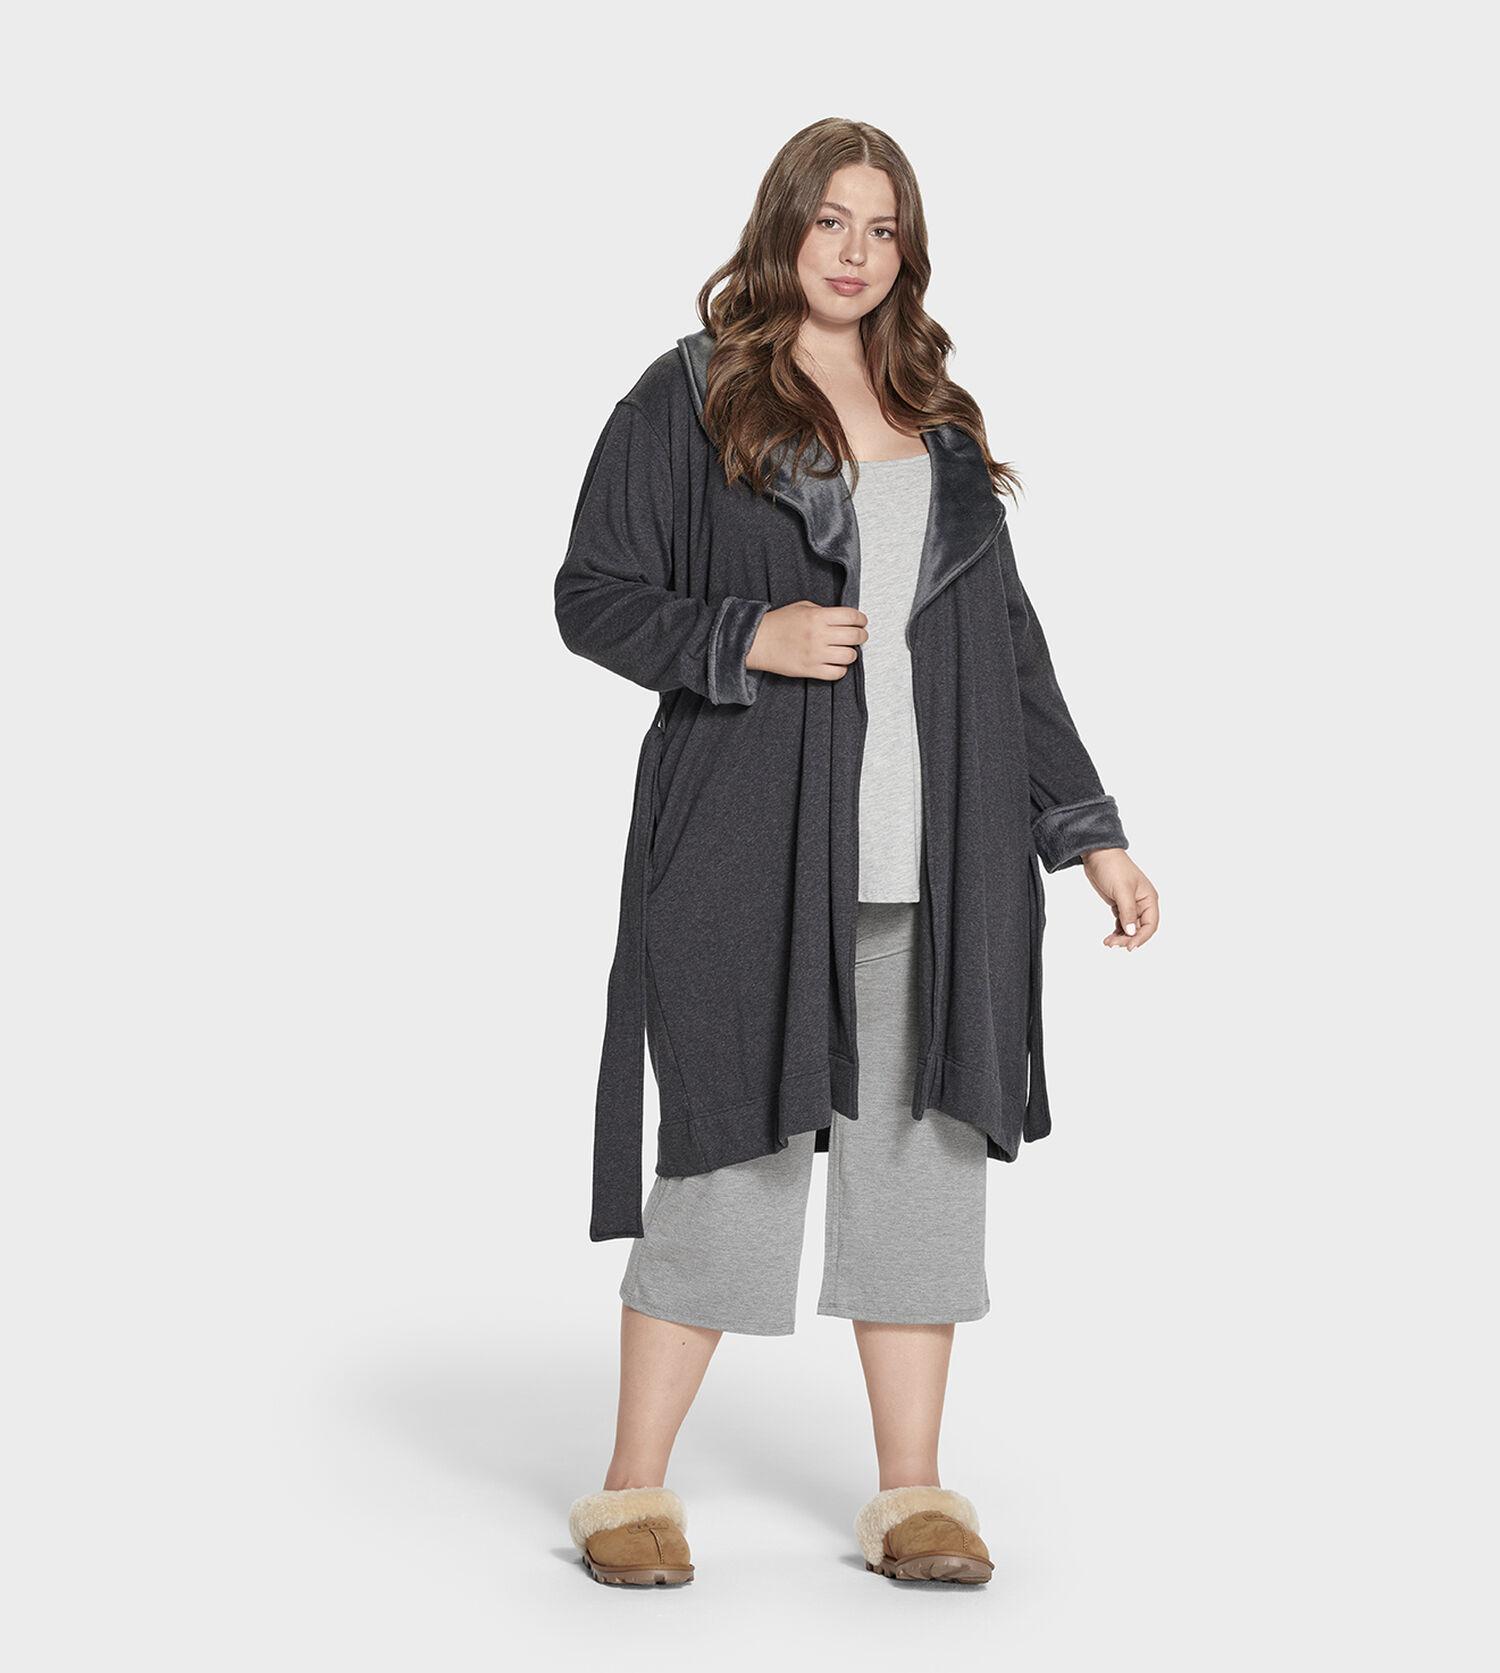 Zoom Blanche II Plus Robe - Image 1 of 6 e690937e7